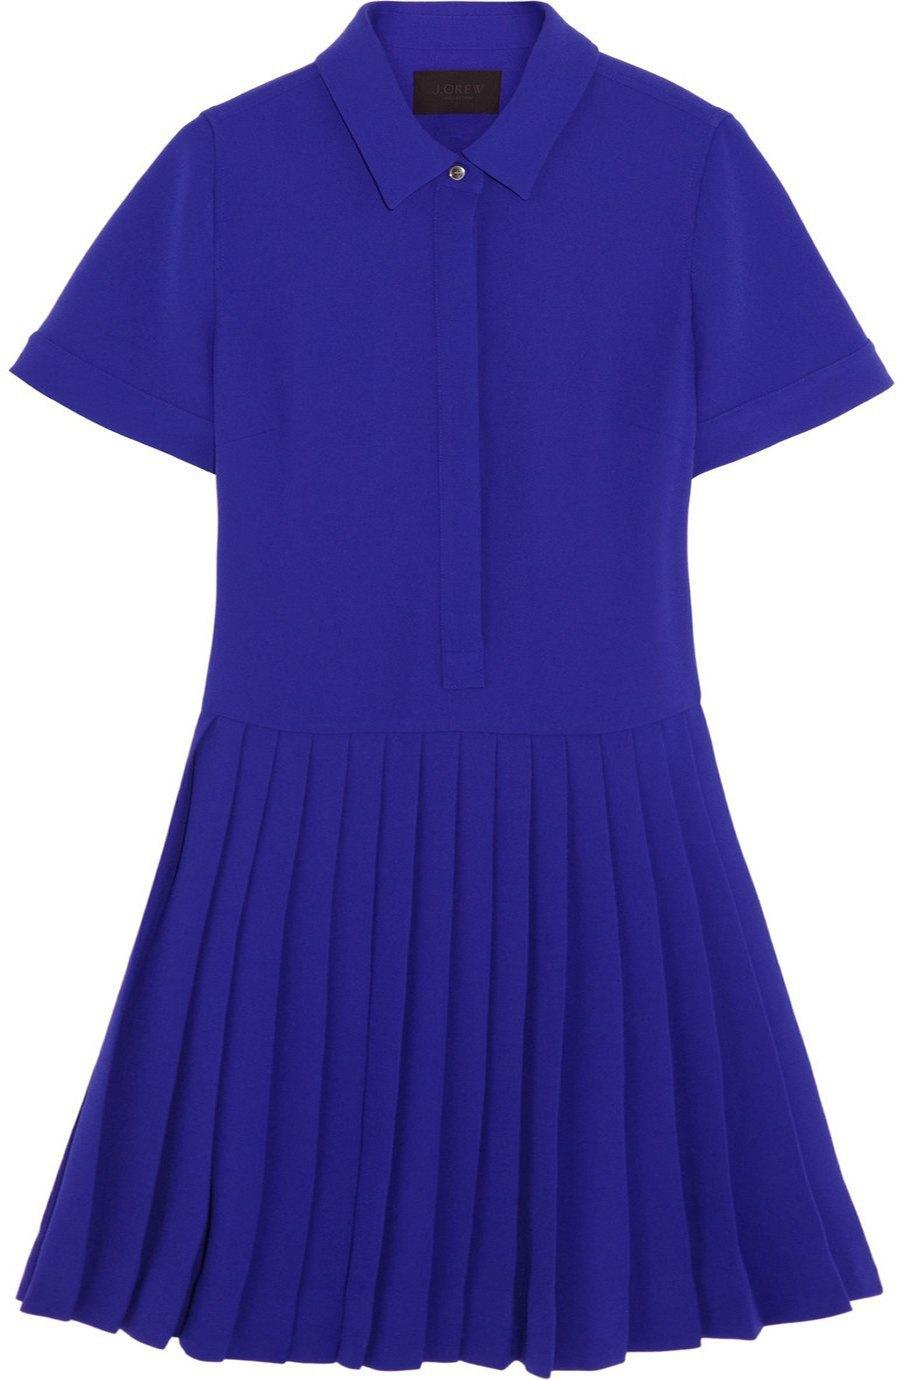 Платья-рубашки  в весенне-летних коллекциях. Изображение № 14.